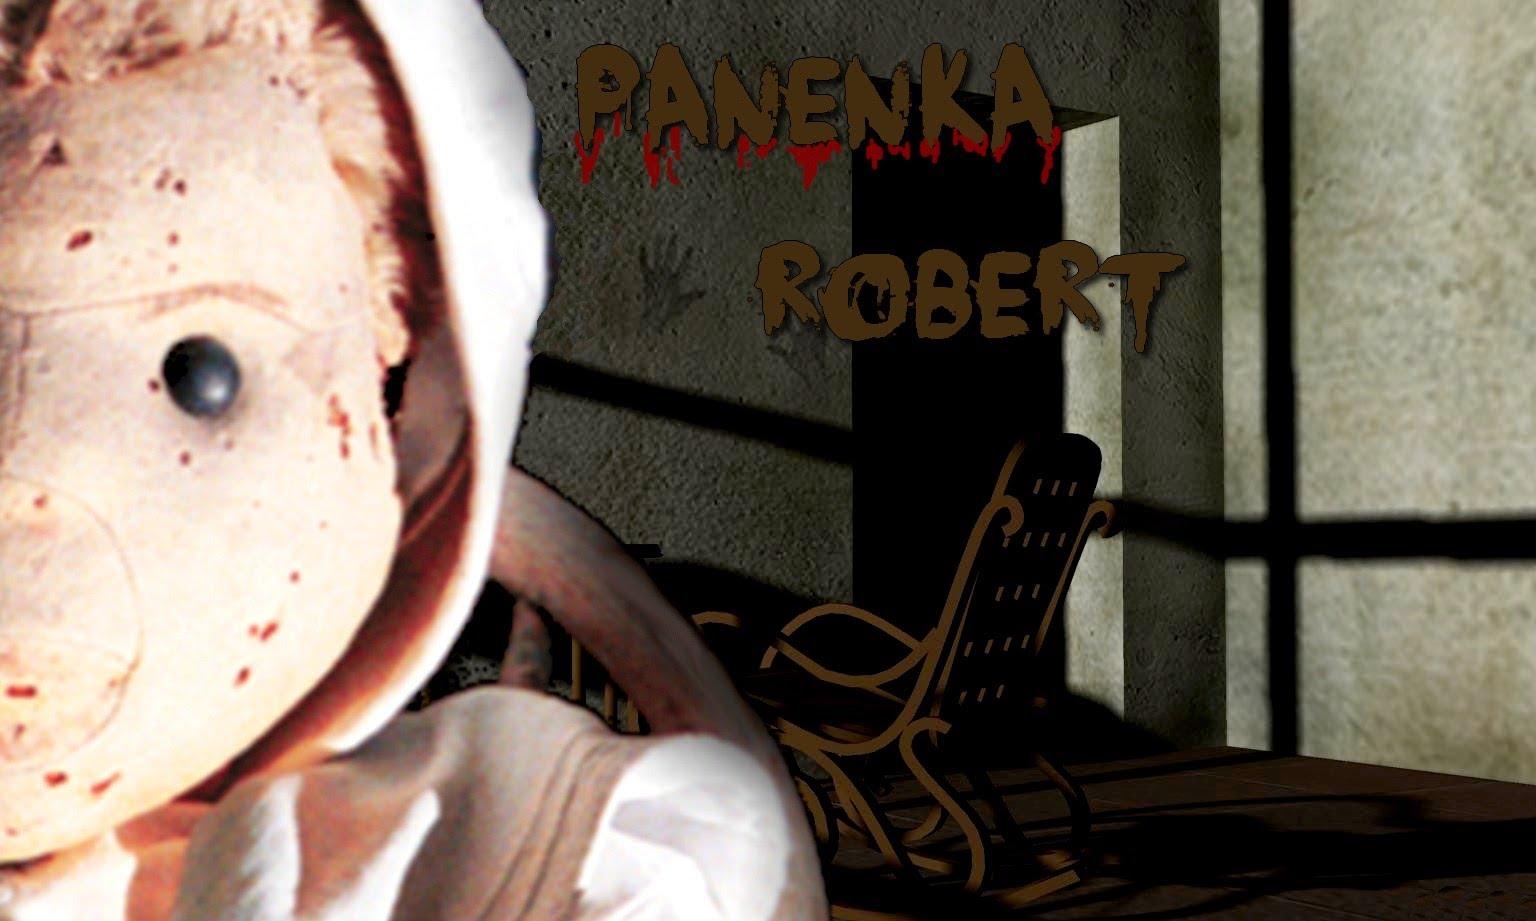 Strašidelná panenka Robert